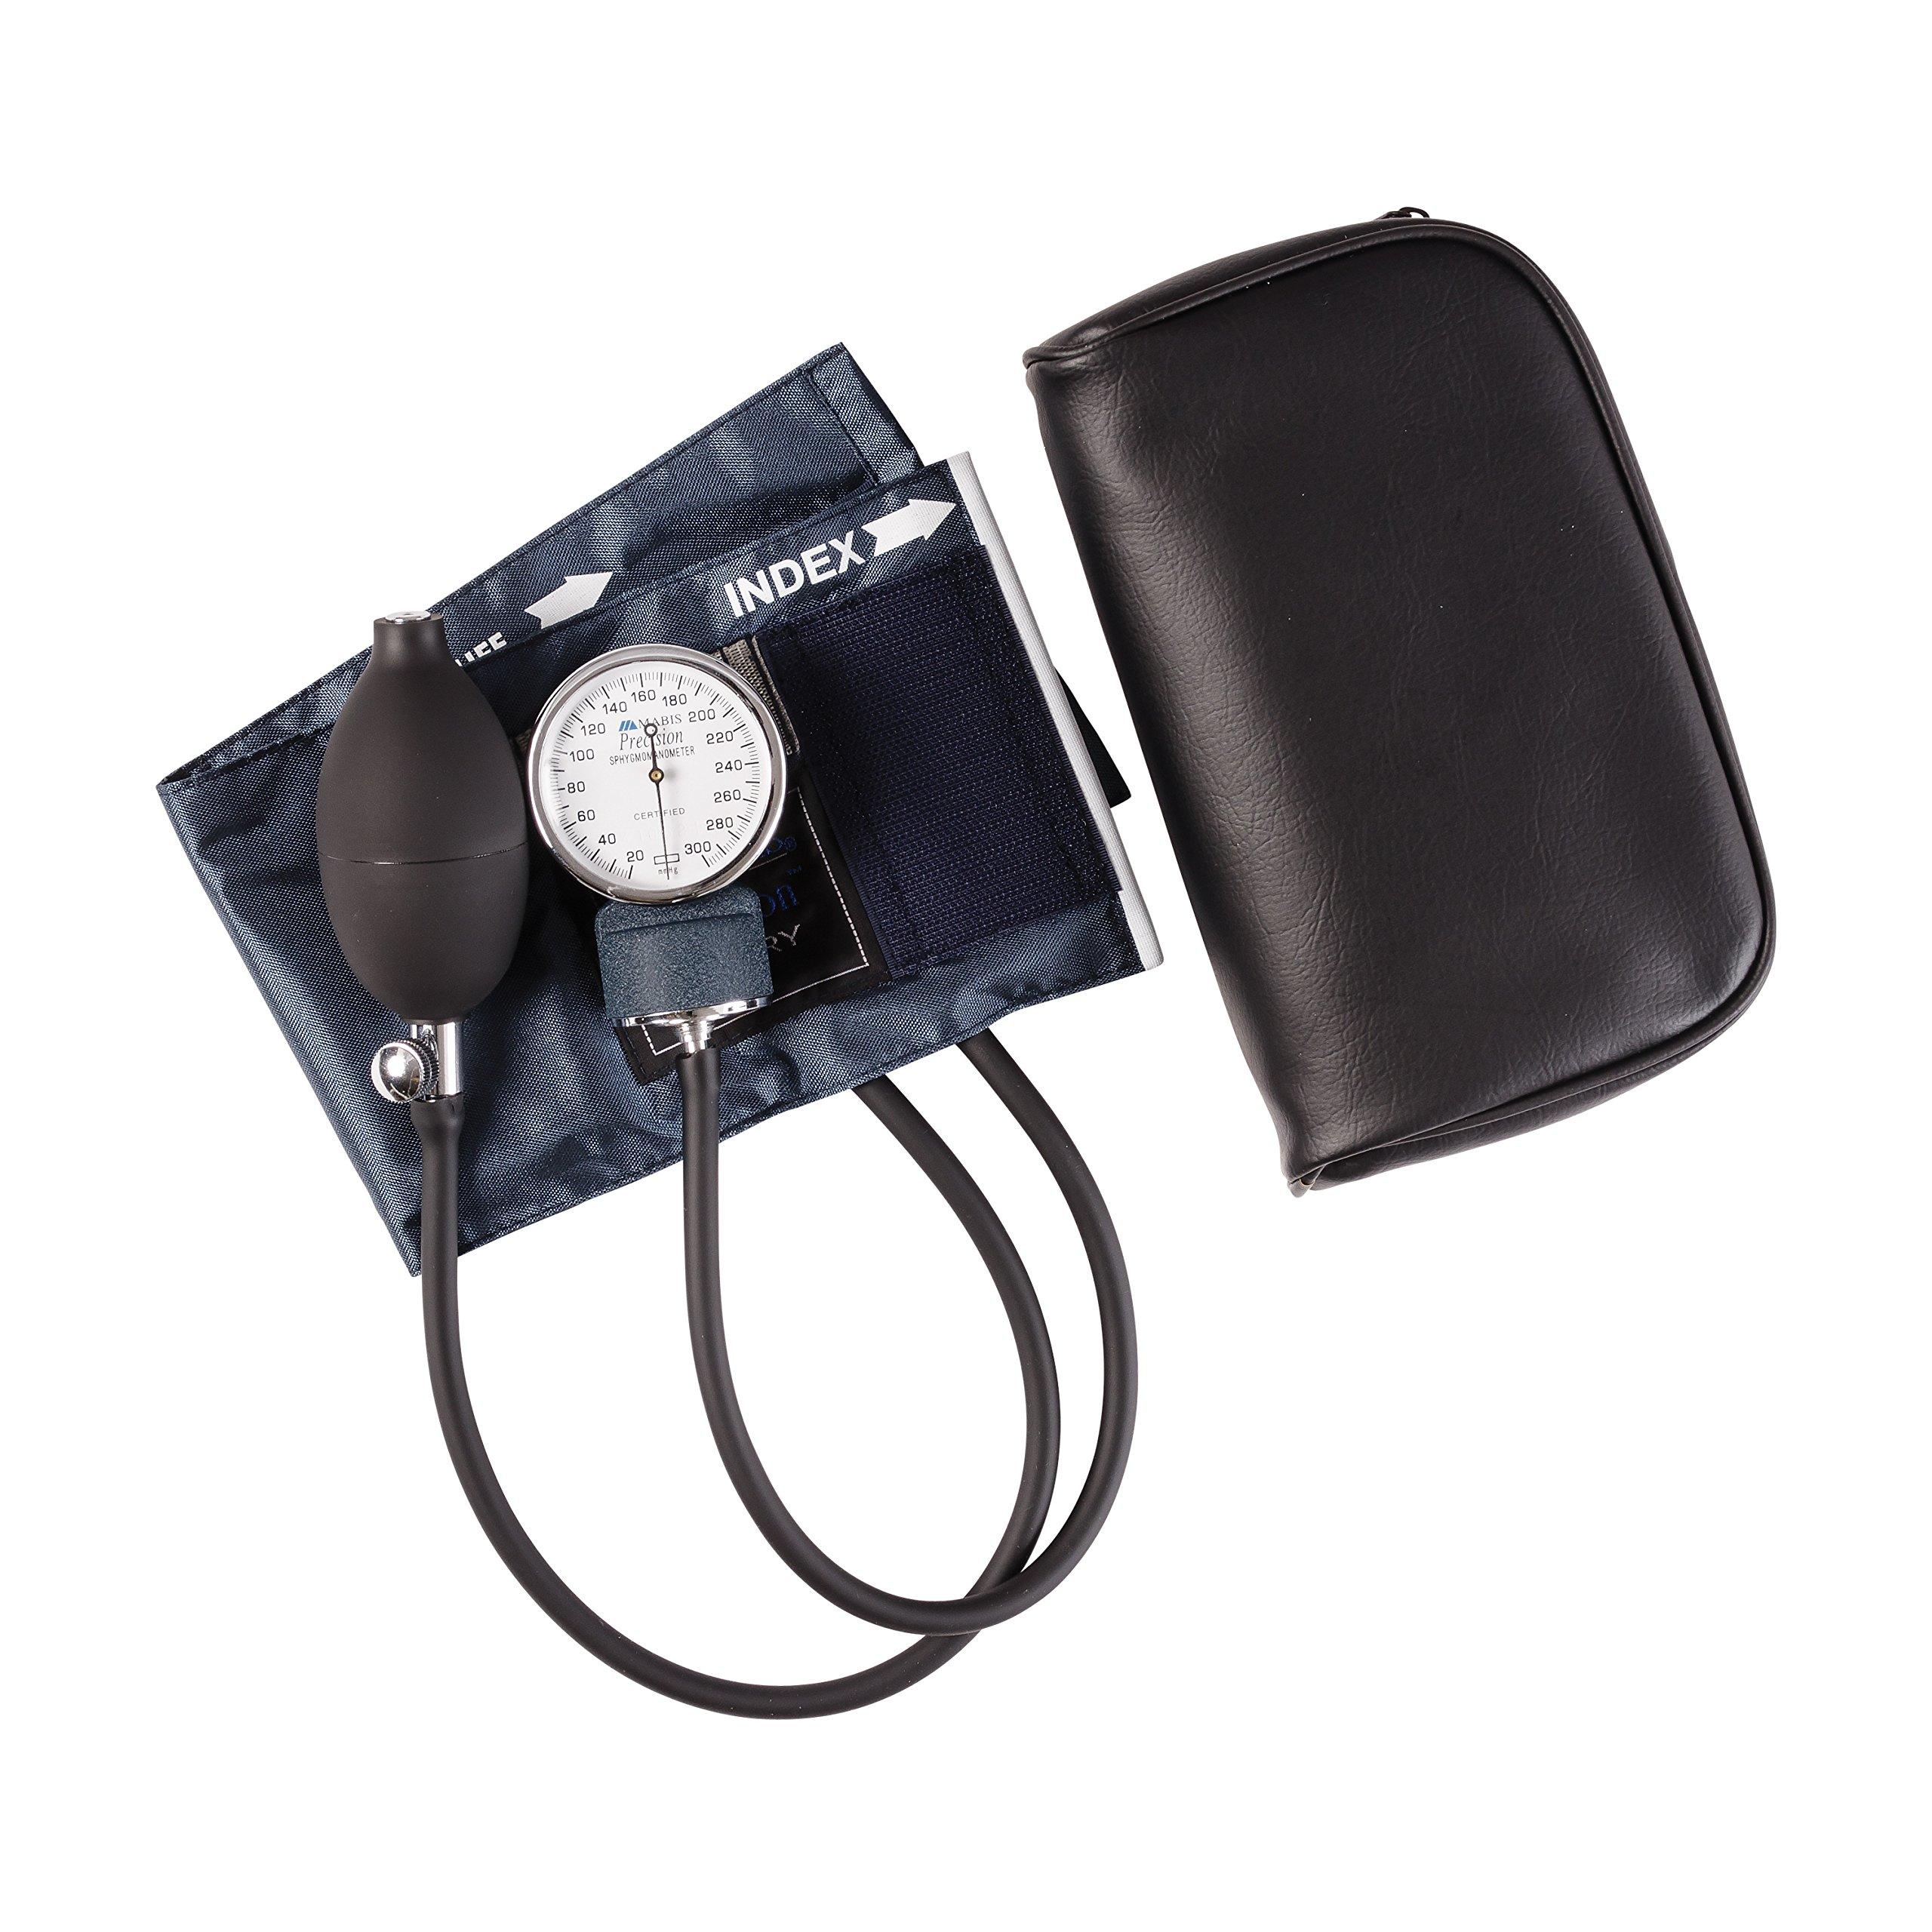 Mabis Precision Series Aneroid Sphygmomanometer Manual Blood Pressure Monitor, Cuff Size 7.7 to 11.3 inches, Child